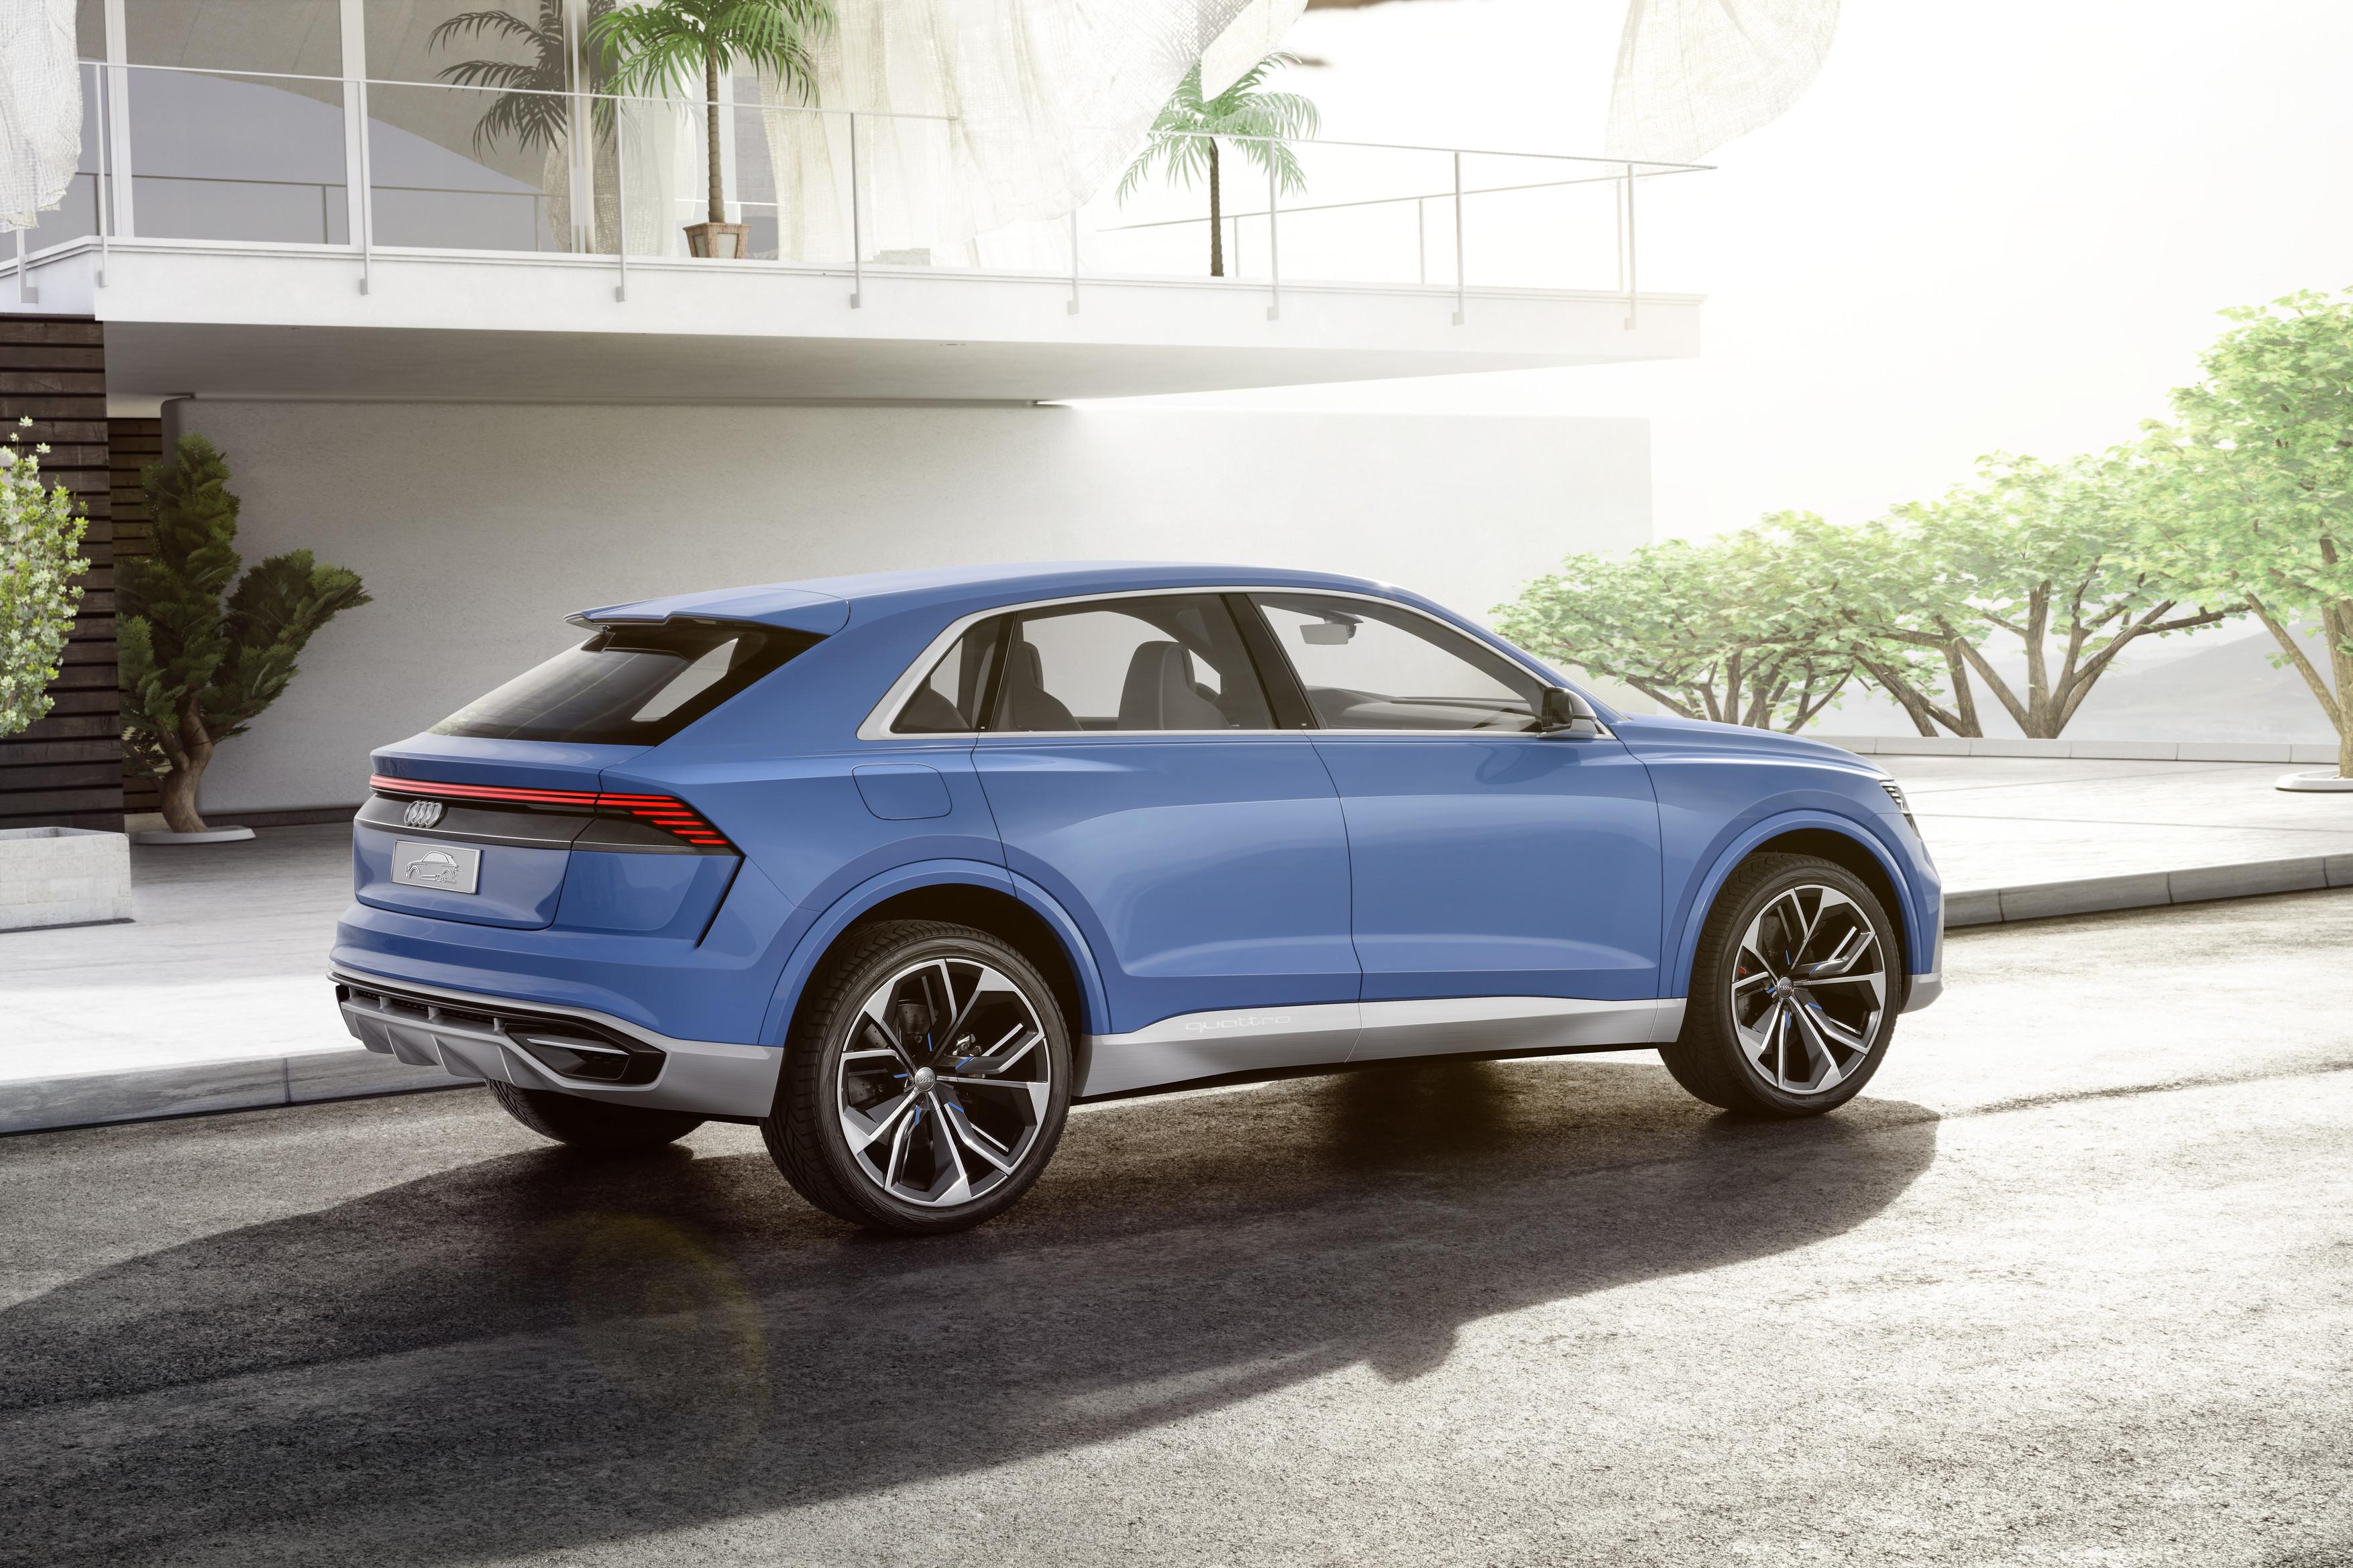 Oberklasse-SUV im Coupé-Design: Audi Q8 concept - Autoexklusiv Dortmund